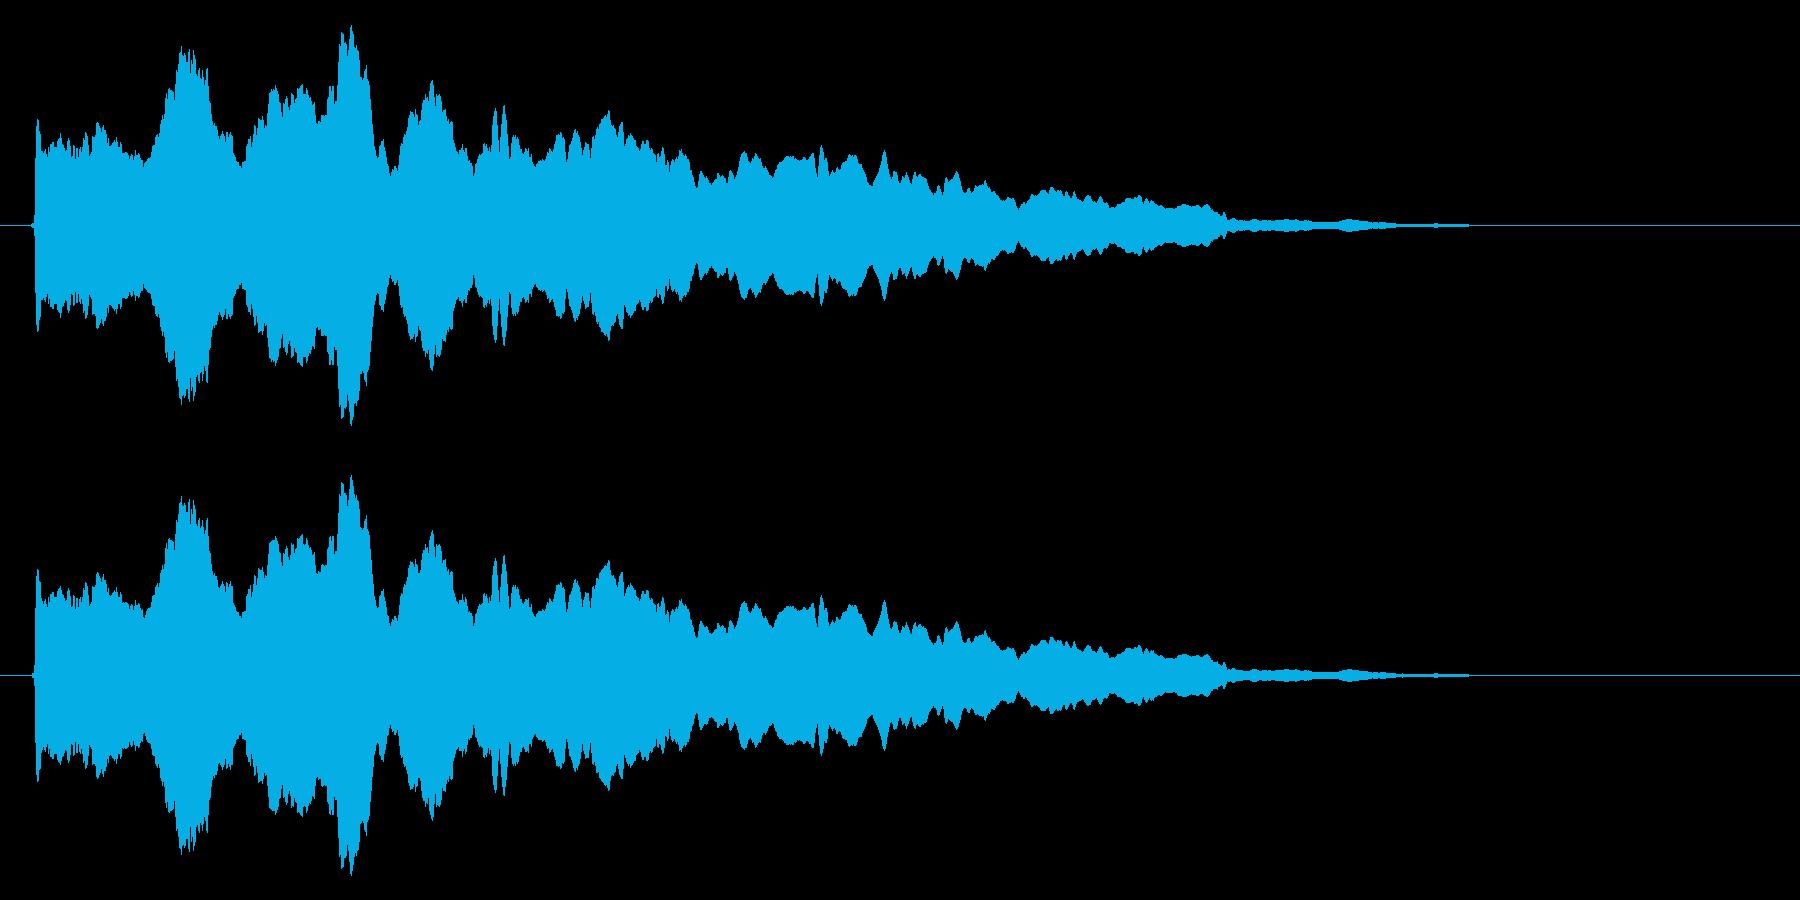 スライド笛/風船/しぼむ/カートゥーンの再生済みの波形